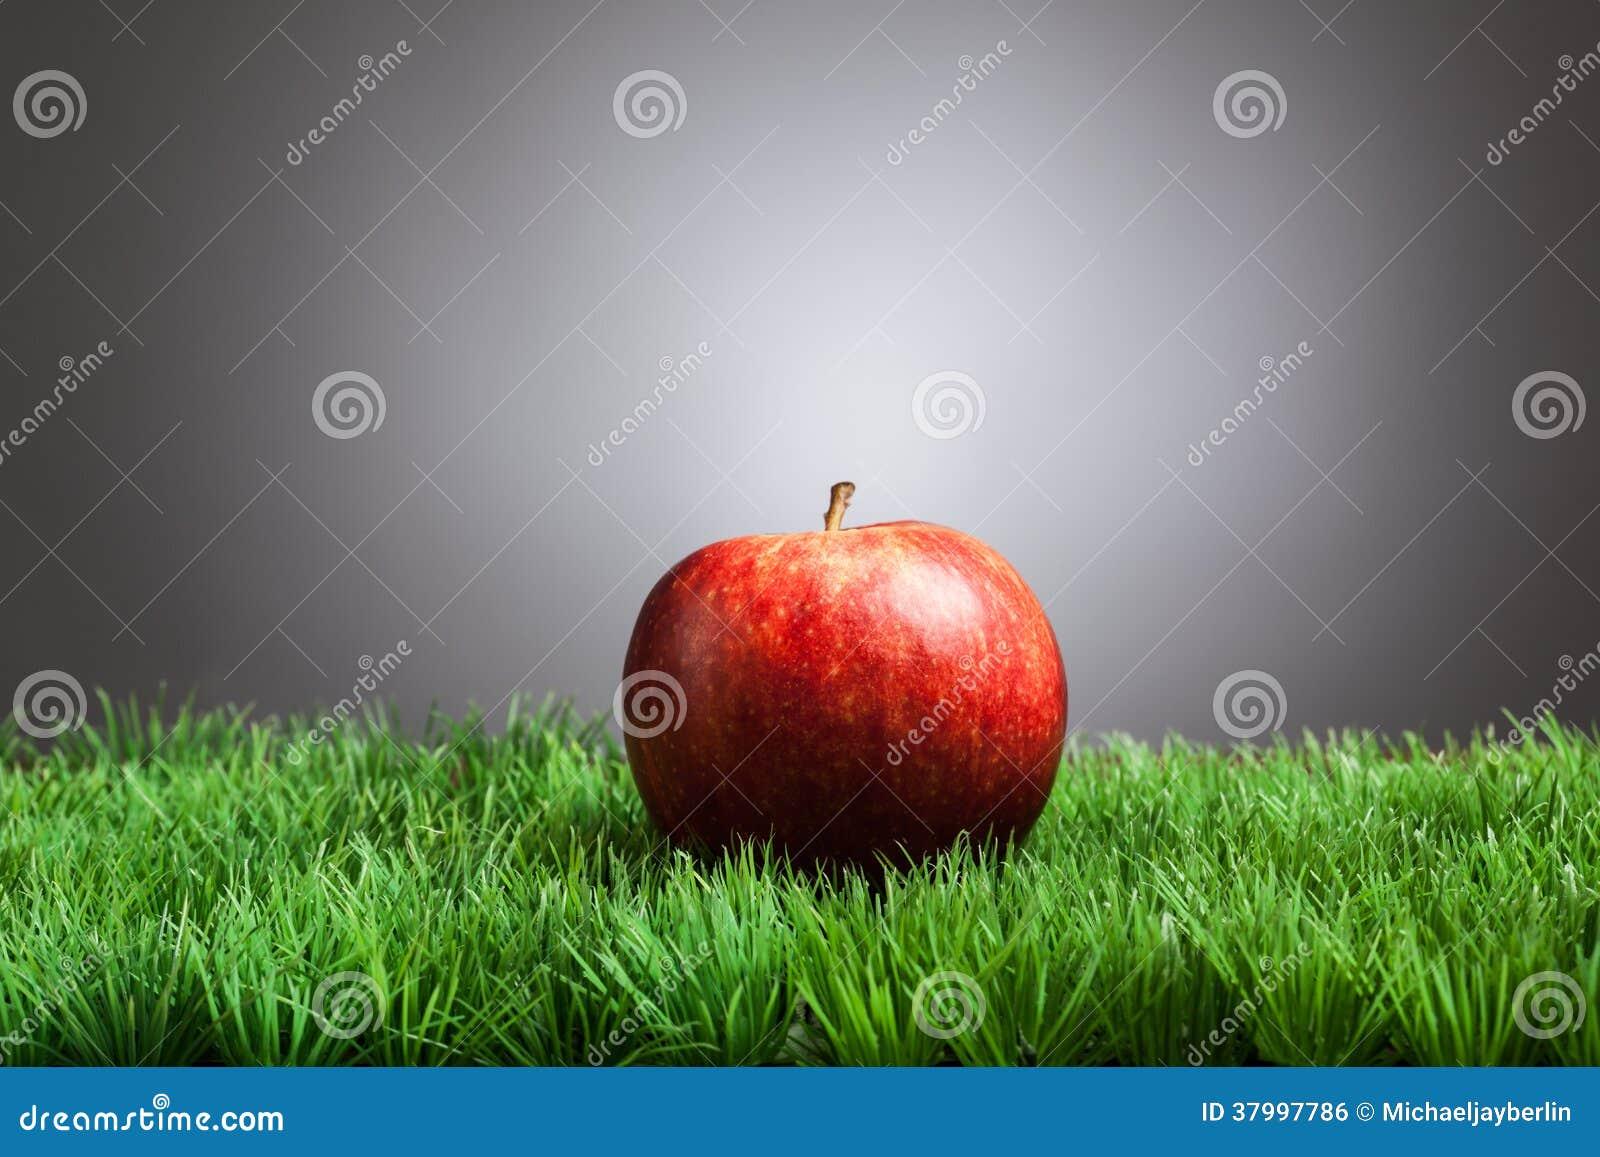 Roter apfel im gras grauer hintergrund stockfoto bild for Apfel dekoration